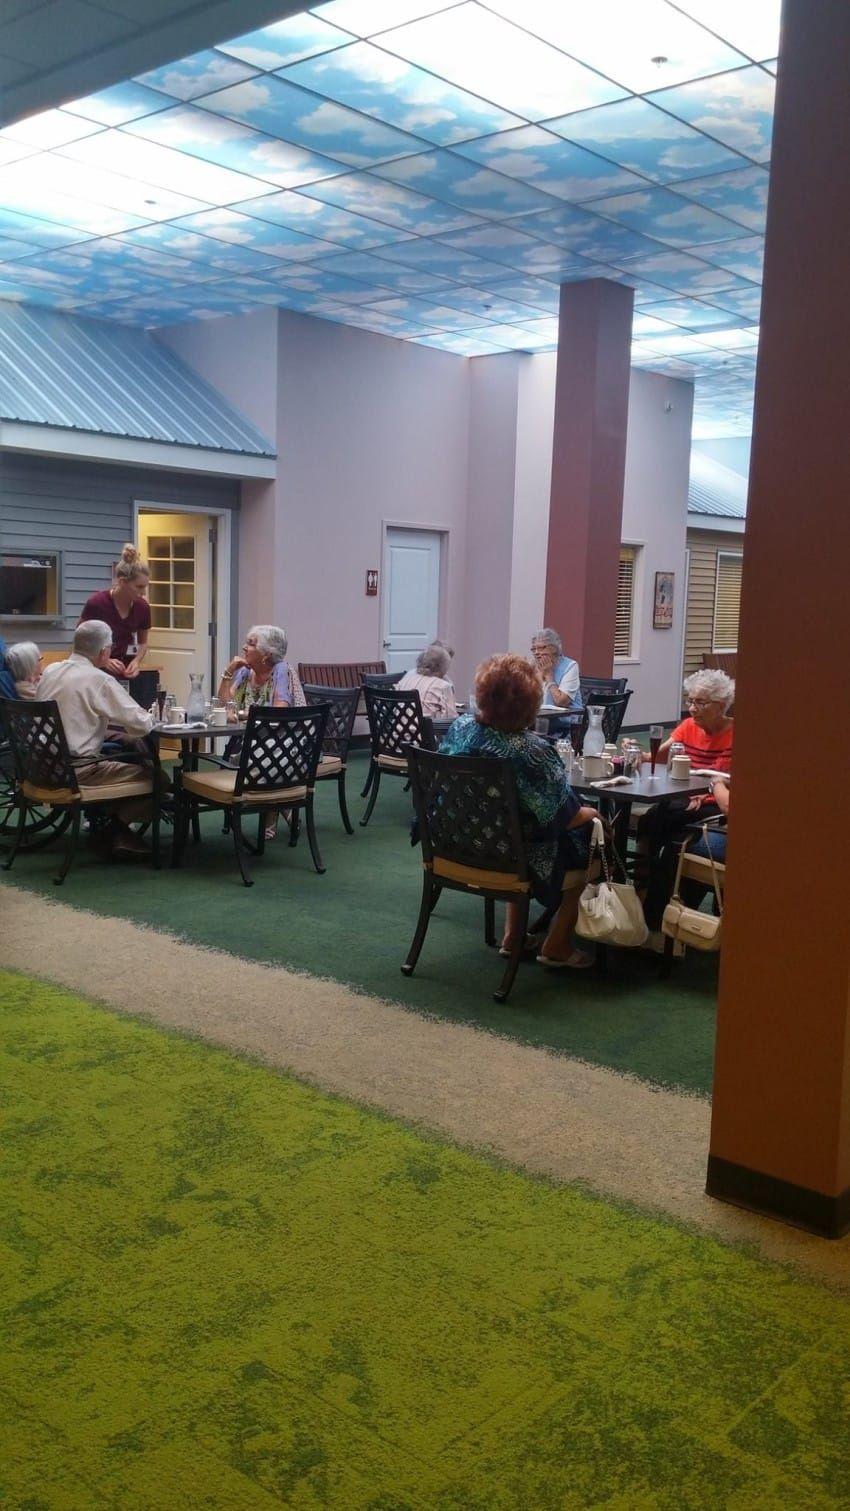 Nursing Home Conceals Indoor 1940s Neighborhood To Comfort